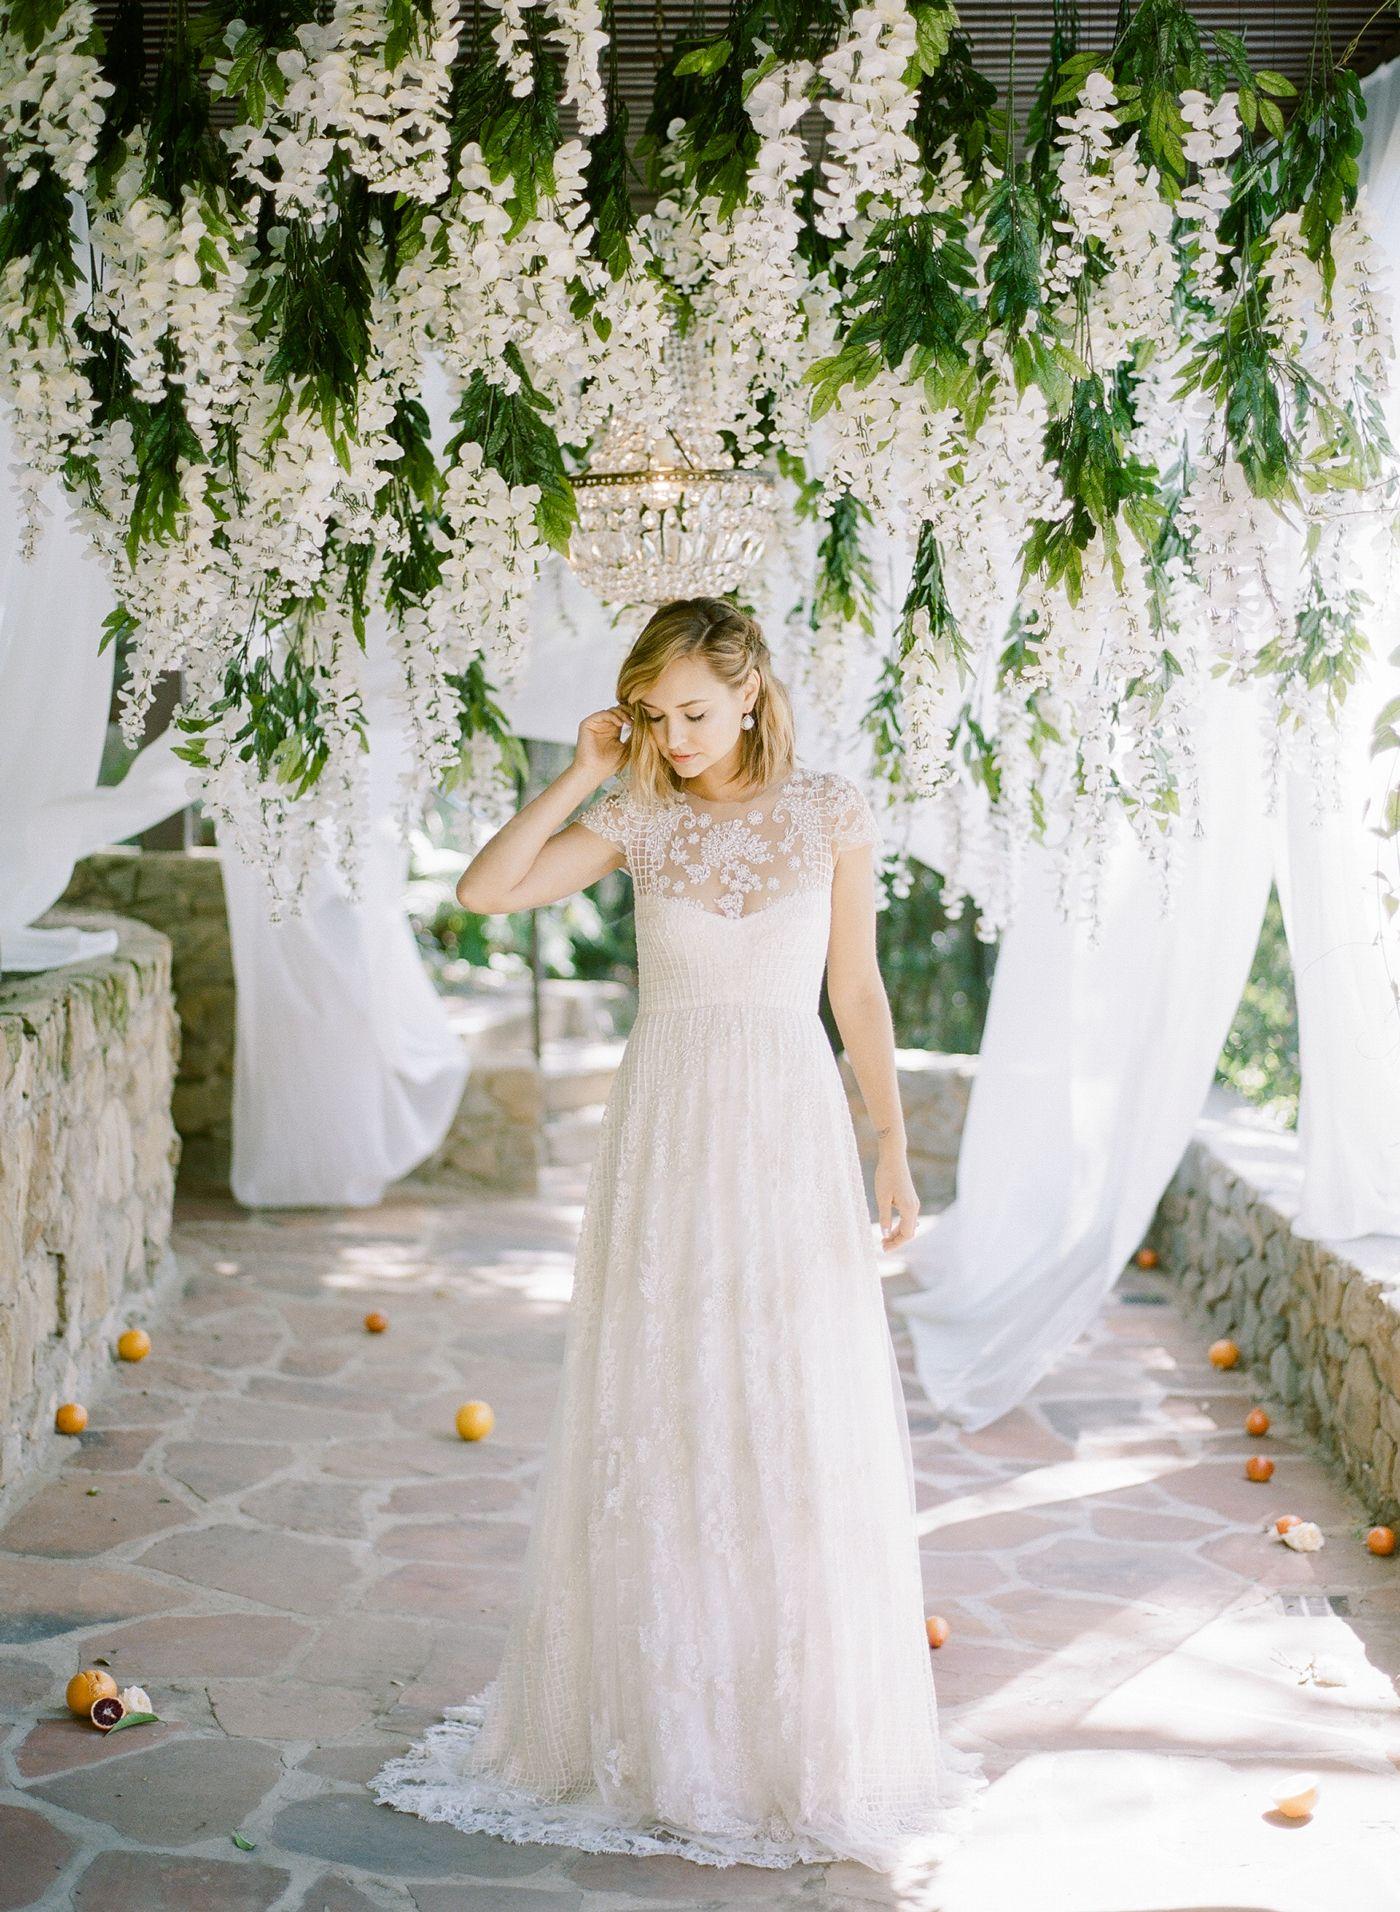 enchanting bride